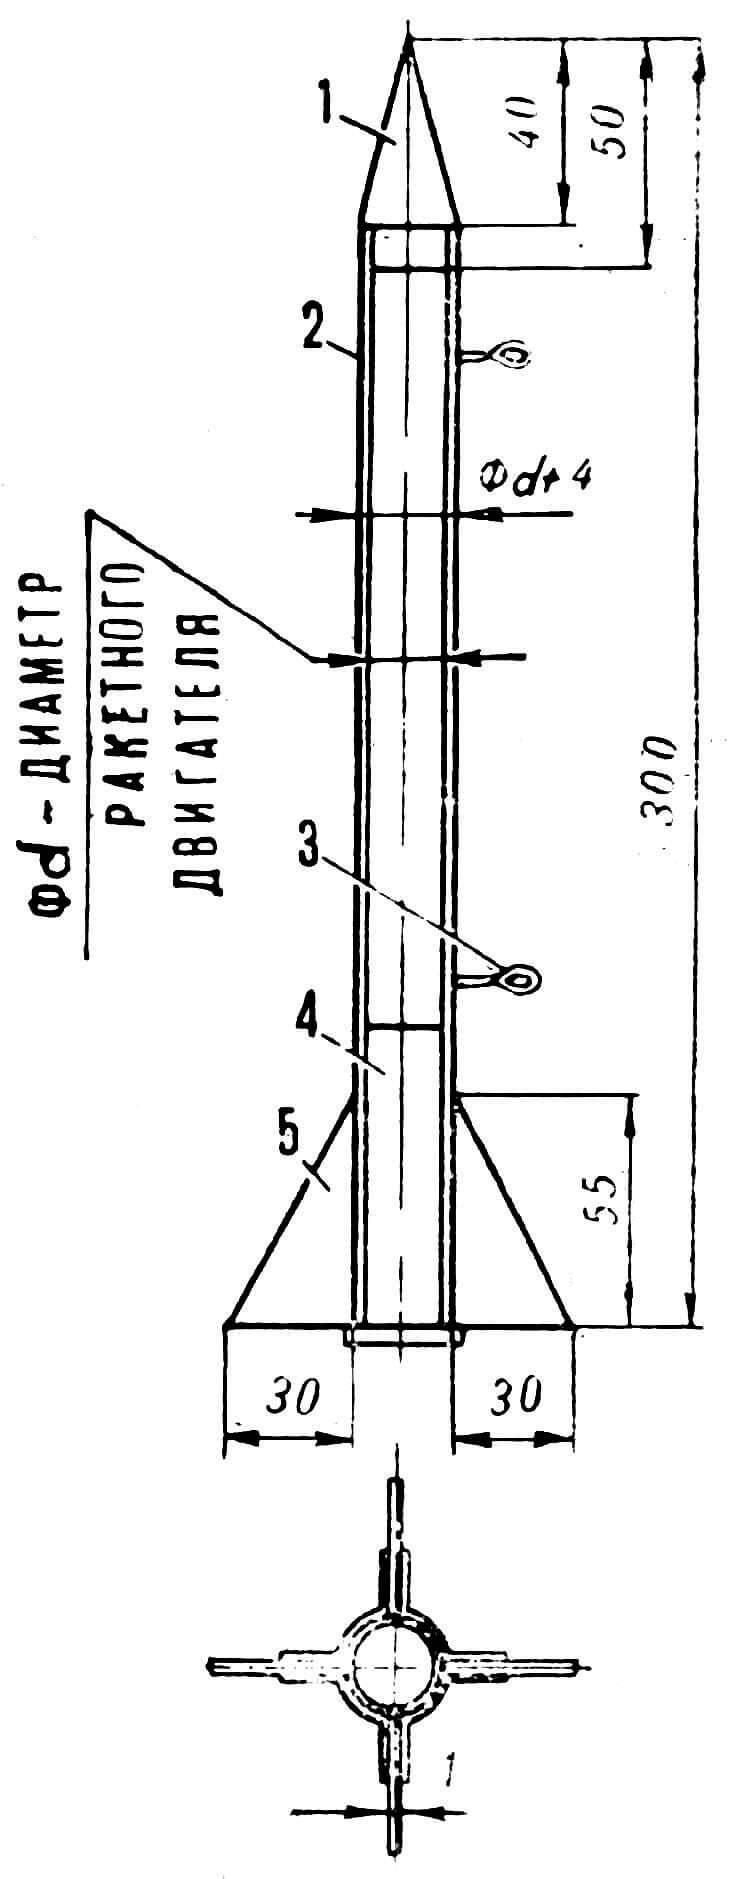 Рис. 4. Модель ракеты: 1 — головка ракеты, 2 — корпус, 3 — направляющие петли, 4 — стандартный ракетный двигатель, 5 — стабилизатор.